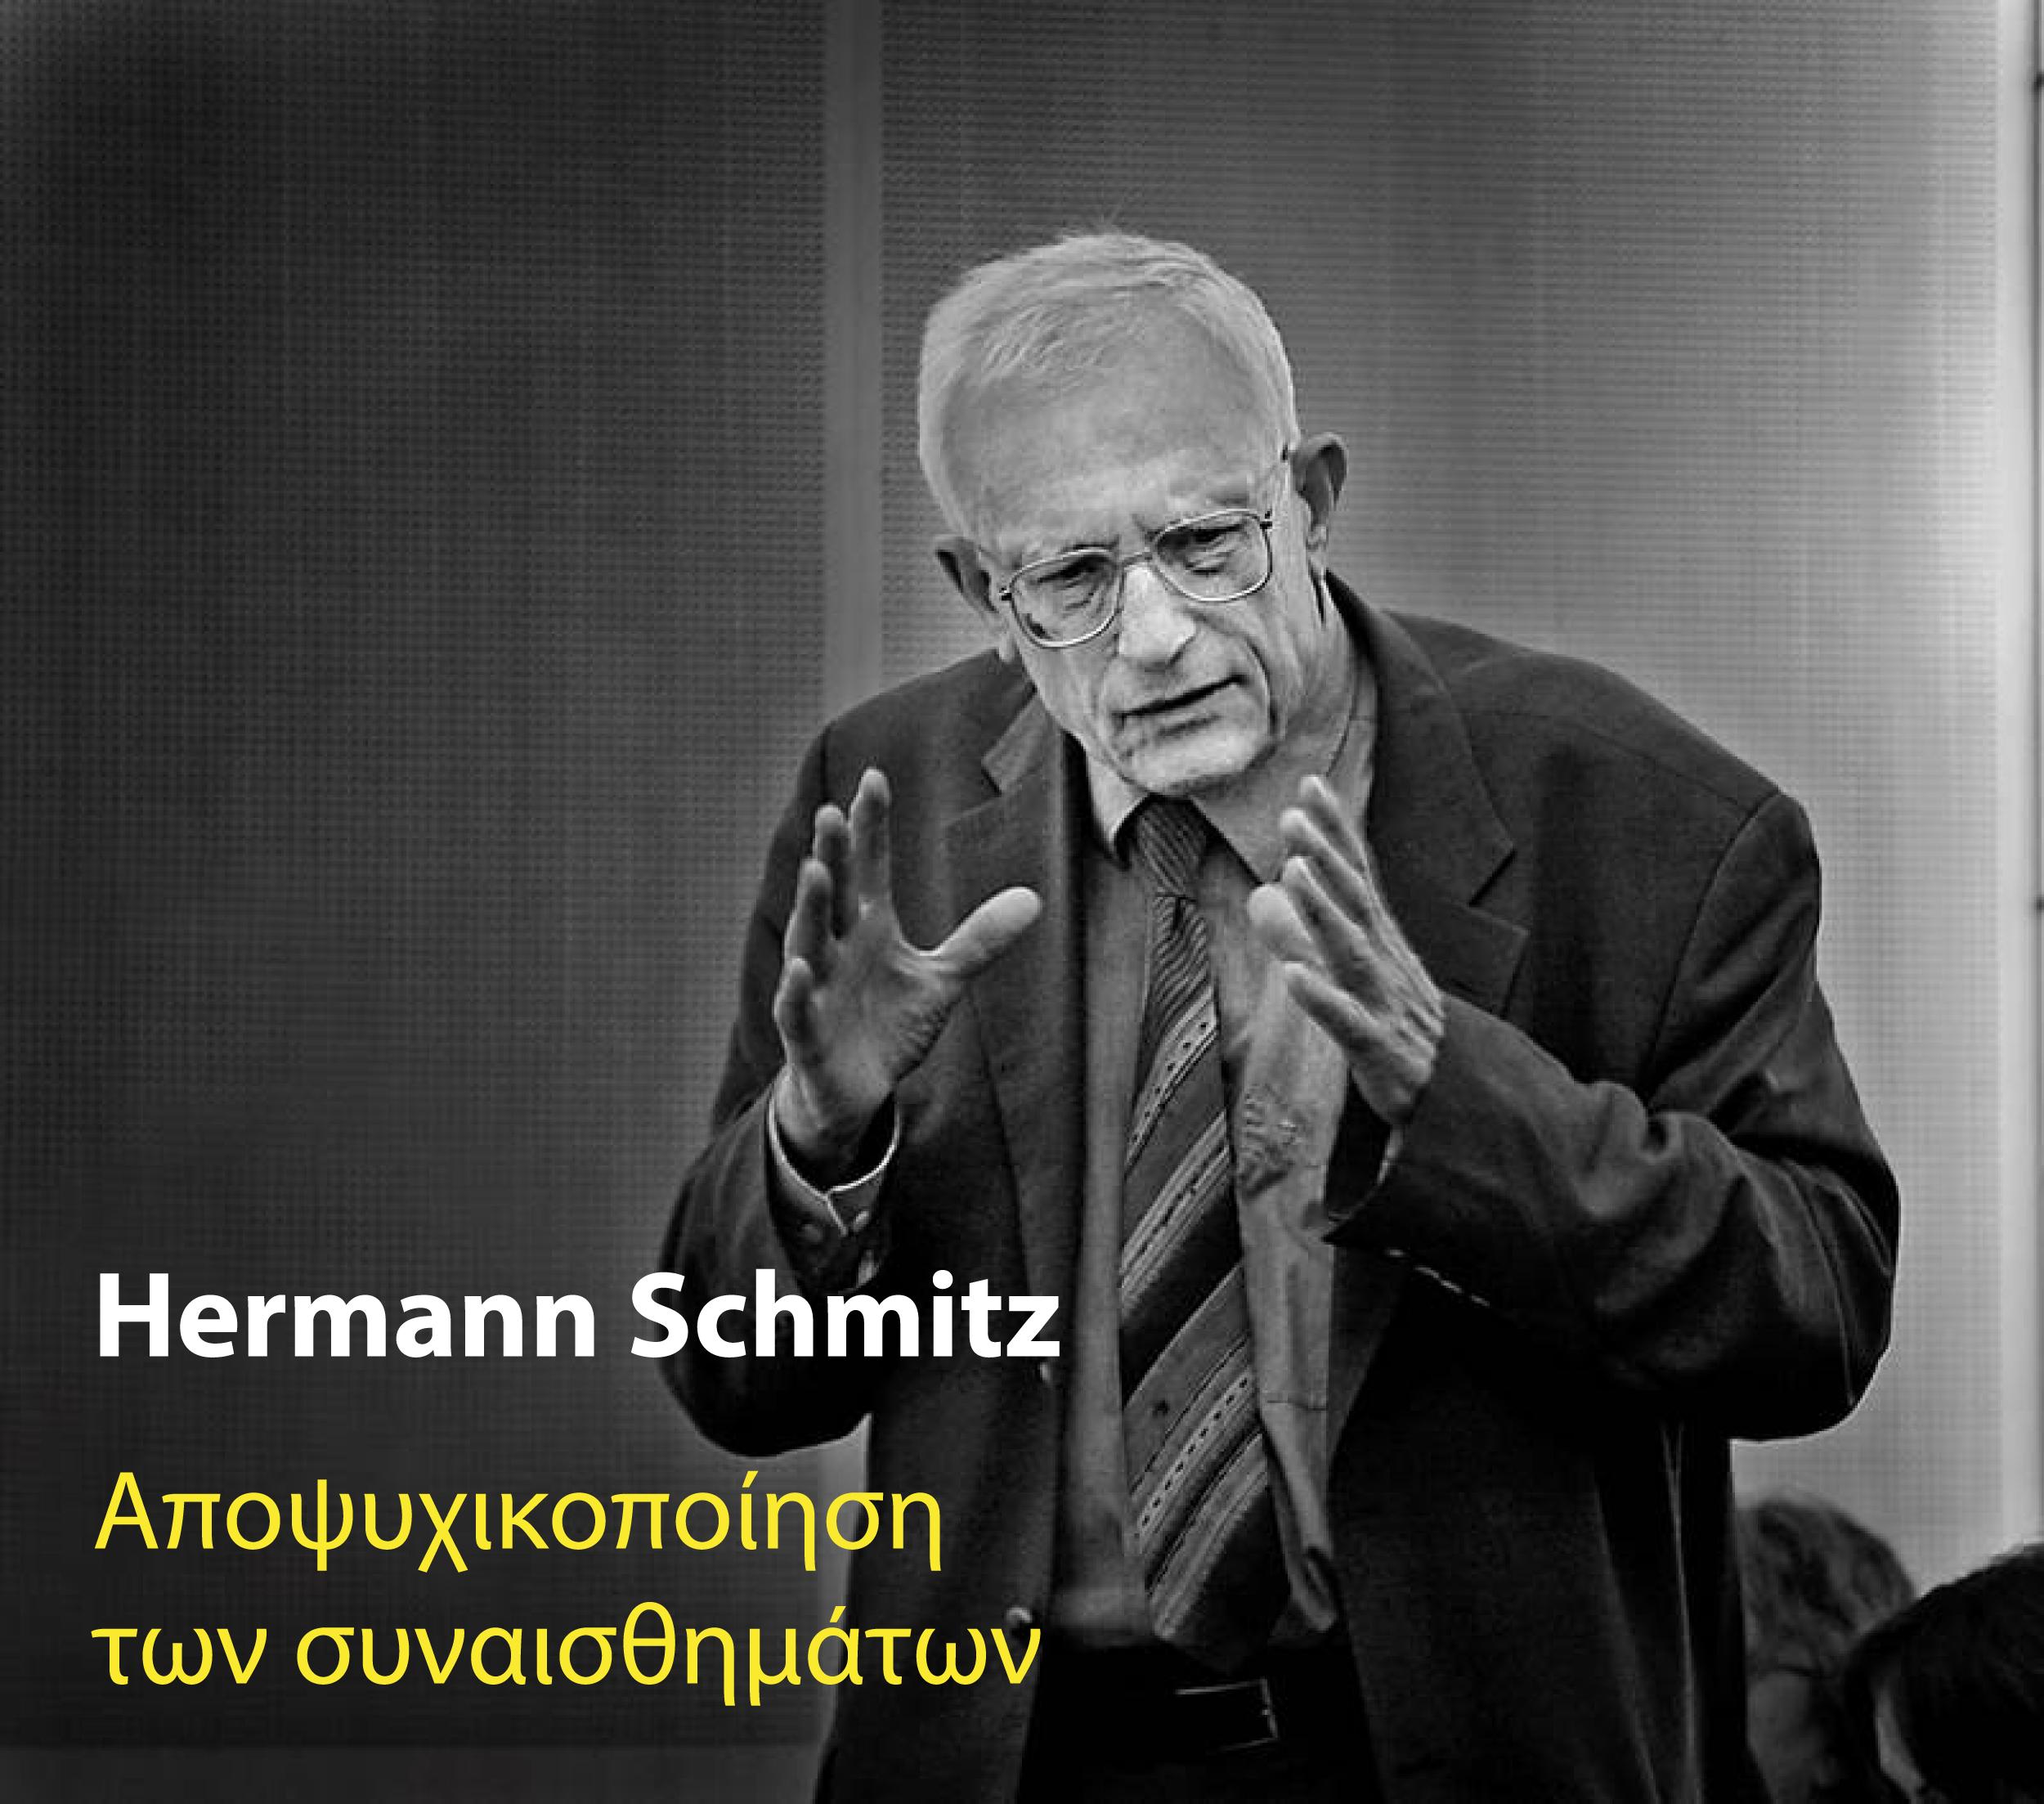 Hermann Schmitz – Entseelung der Gefühle